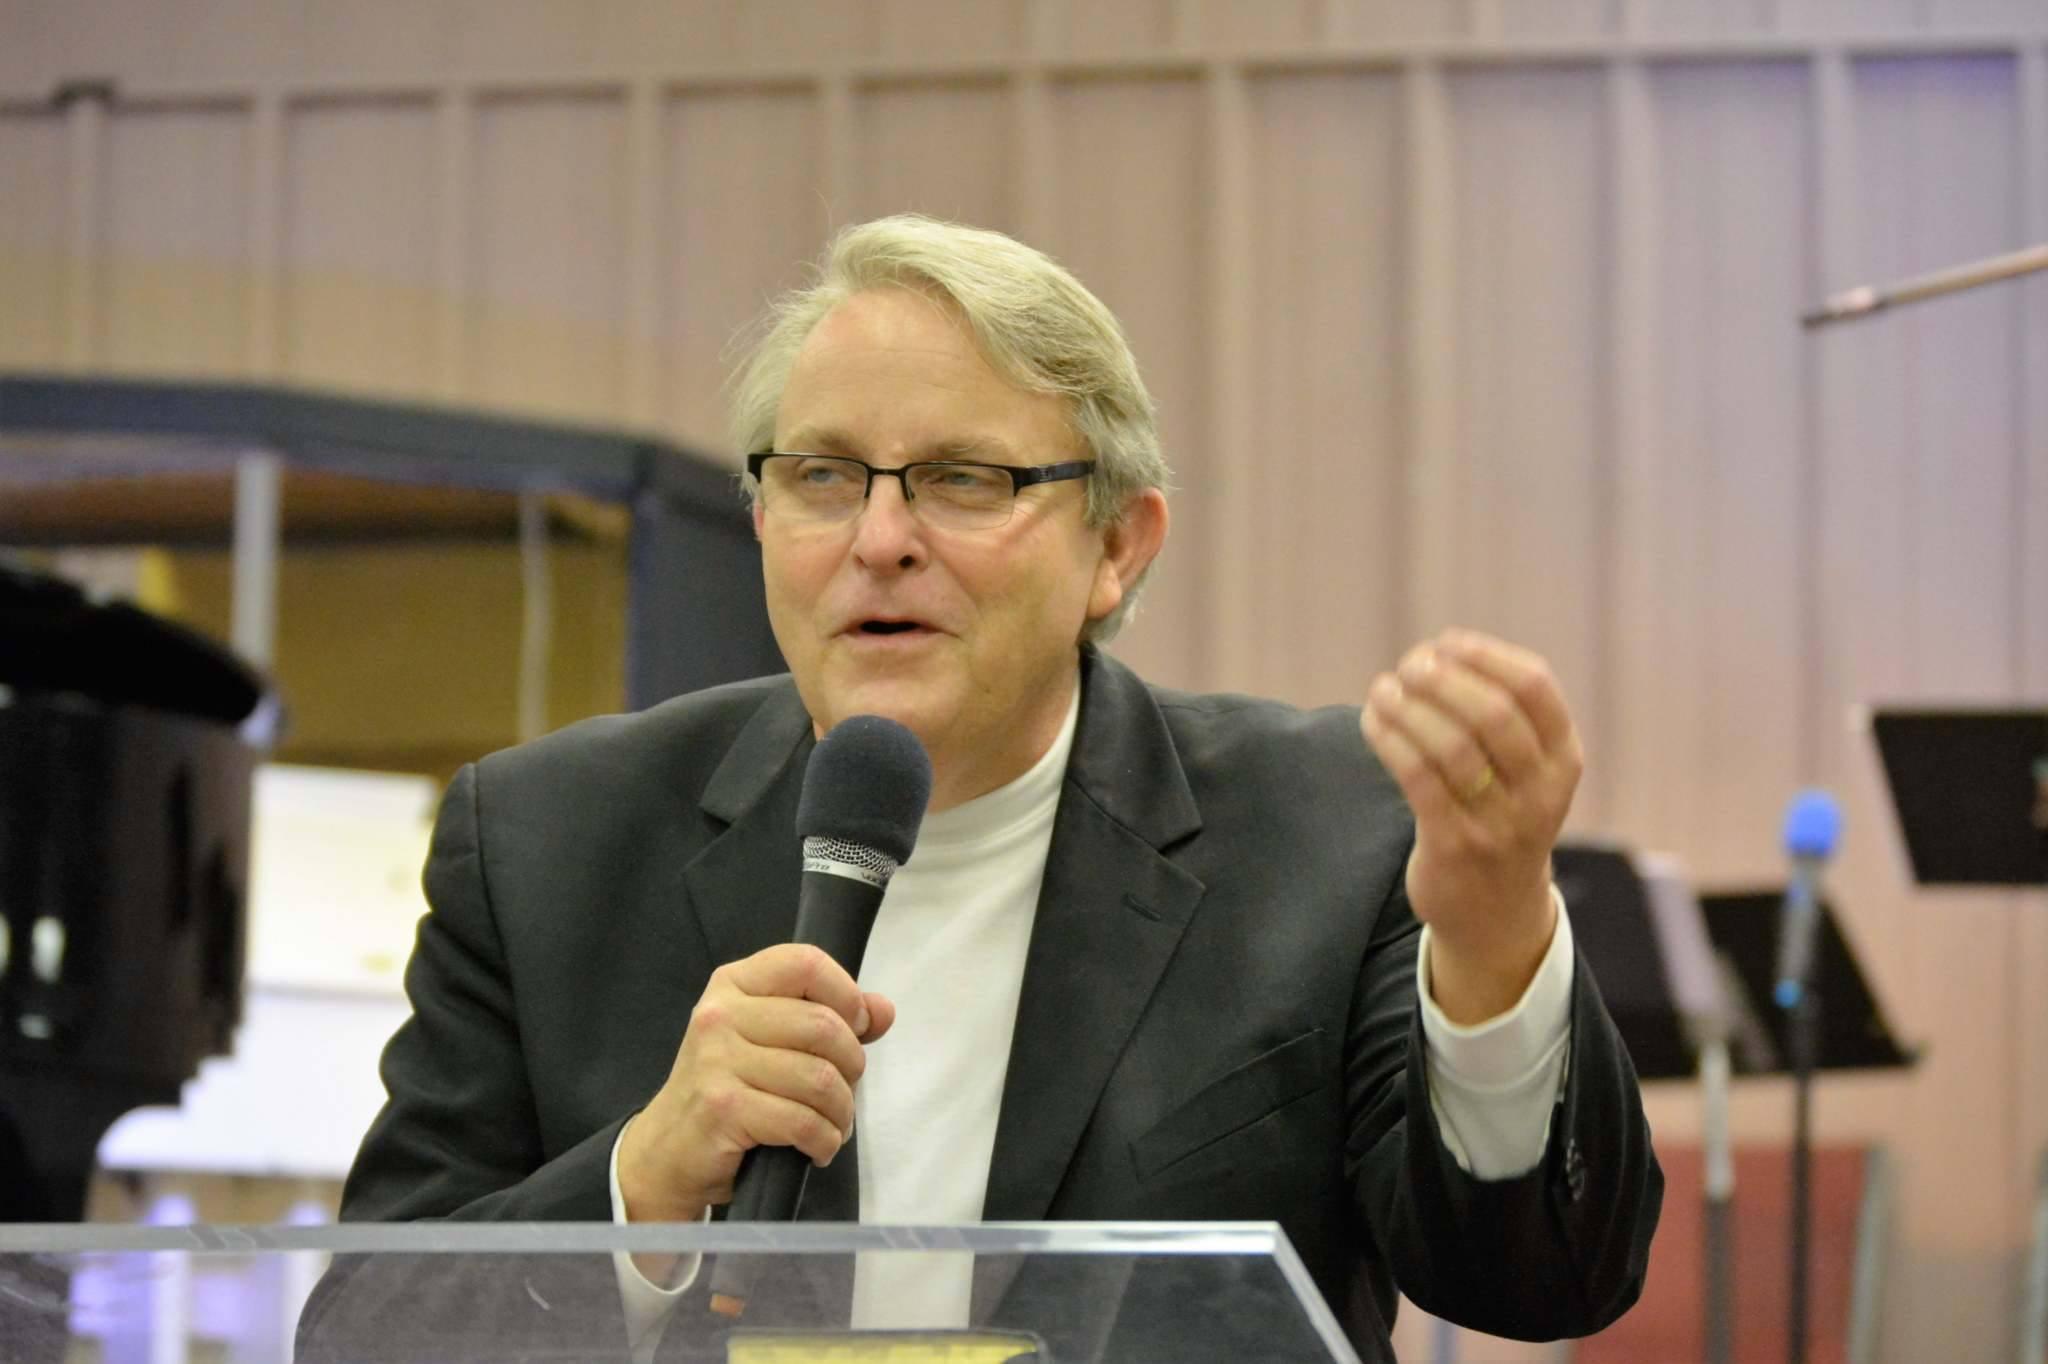 Terry Tramel speaking.jpg